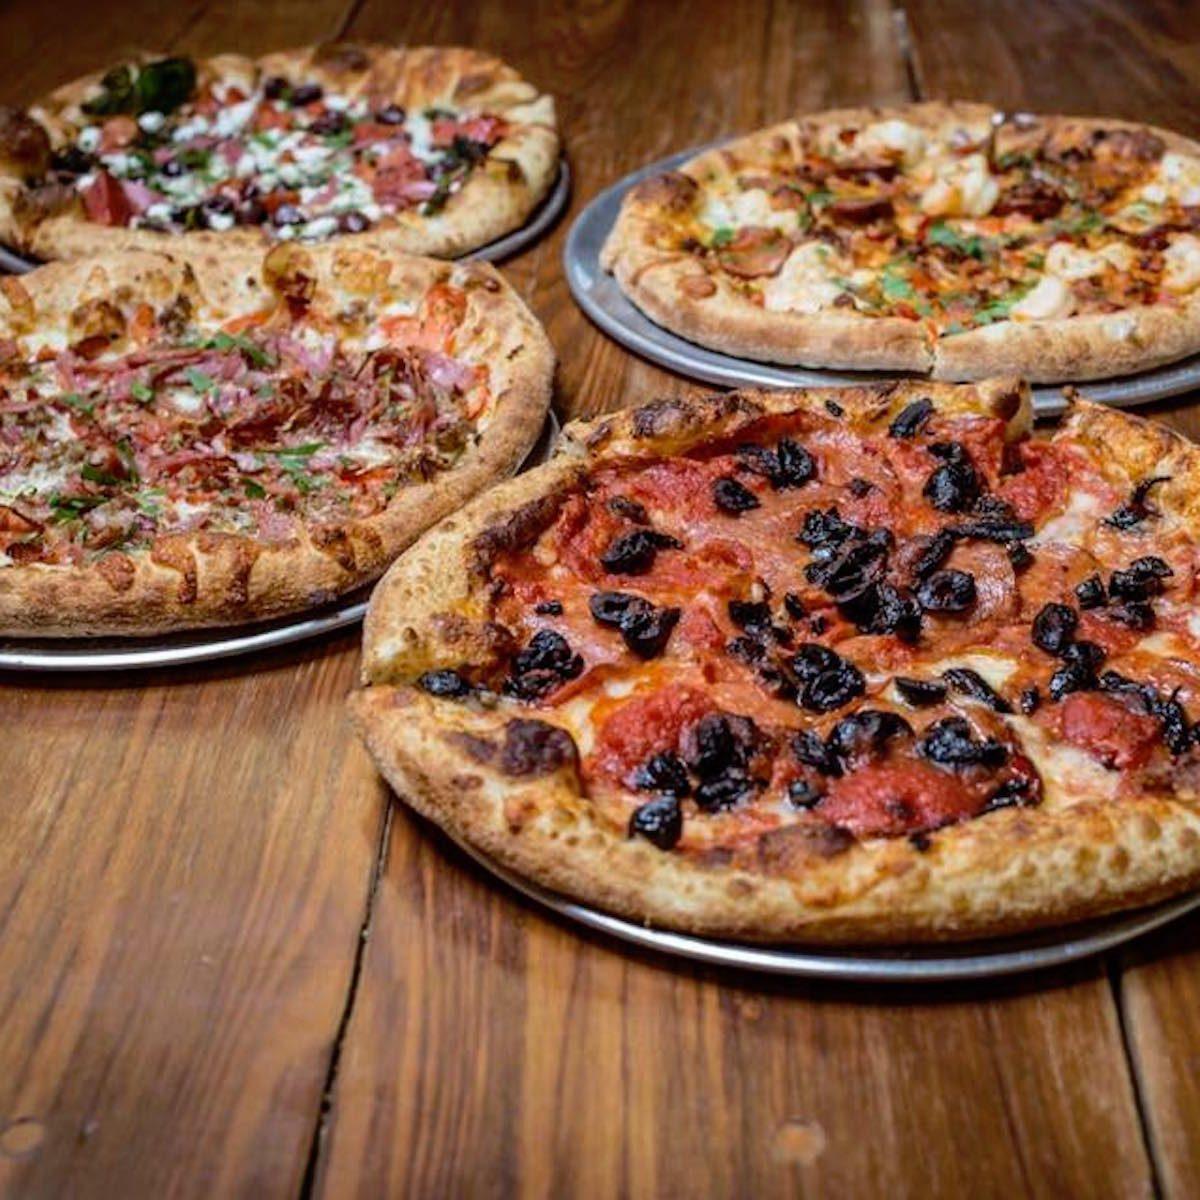 Pure Pizza - 7th St. Public Market